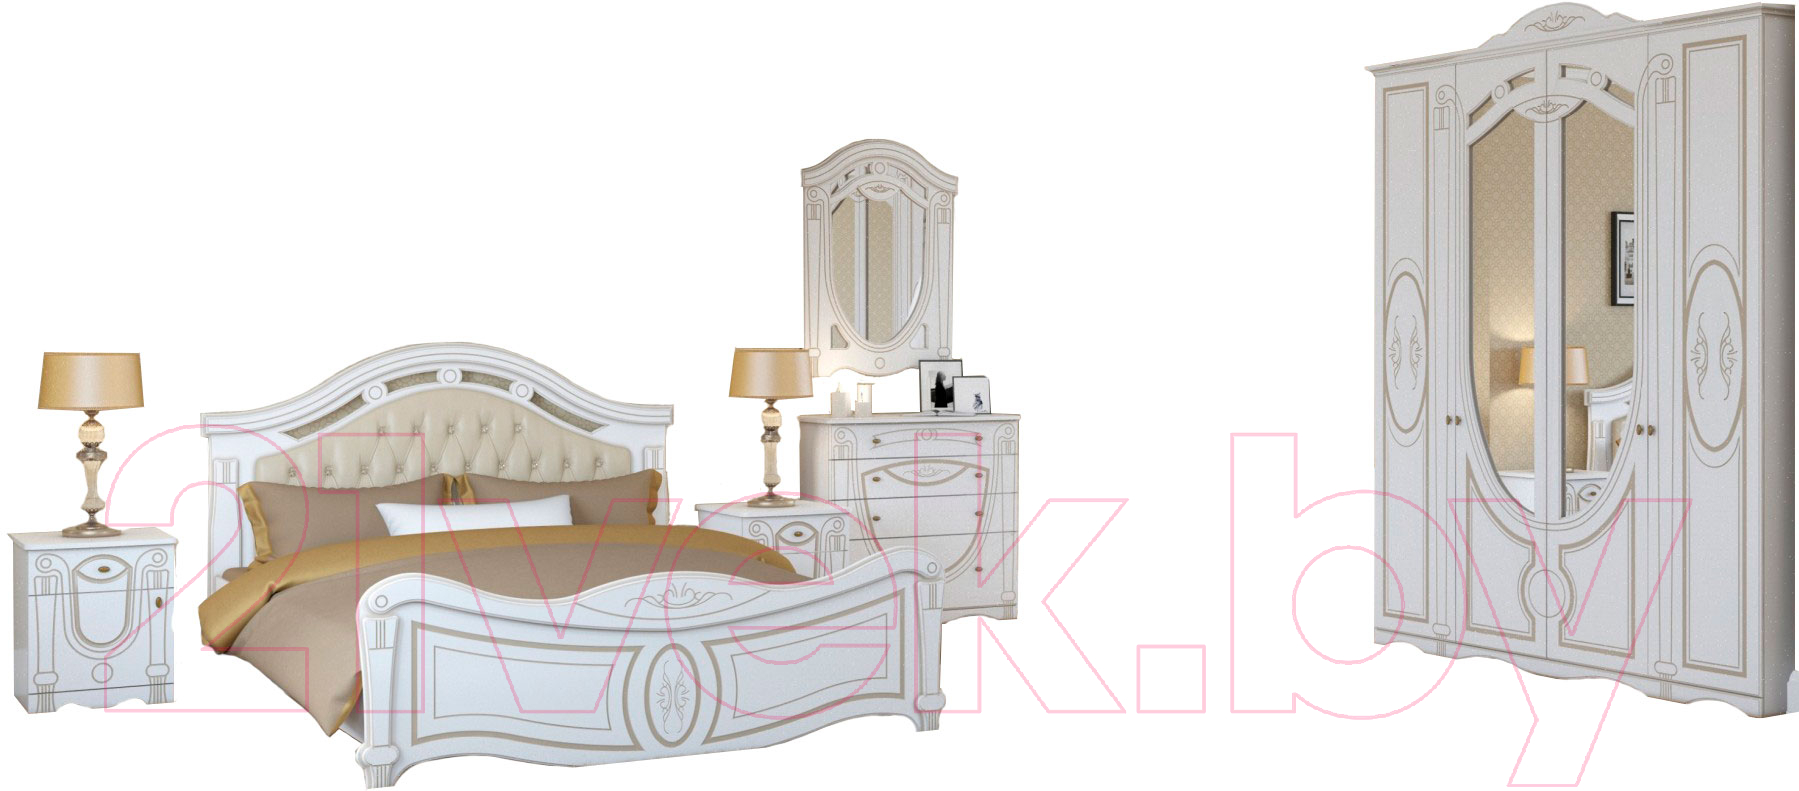 Купить Комплект мебели для спальни Империал, Александрина с ОМ ШК-4 (белый/золото), Россия